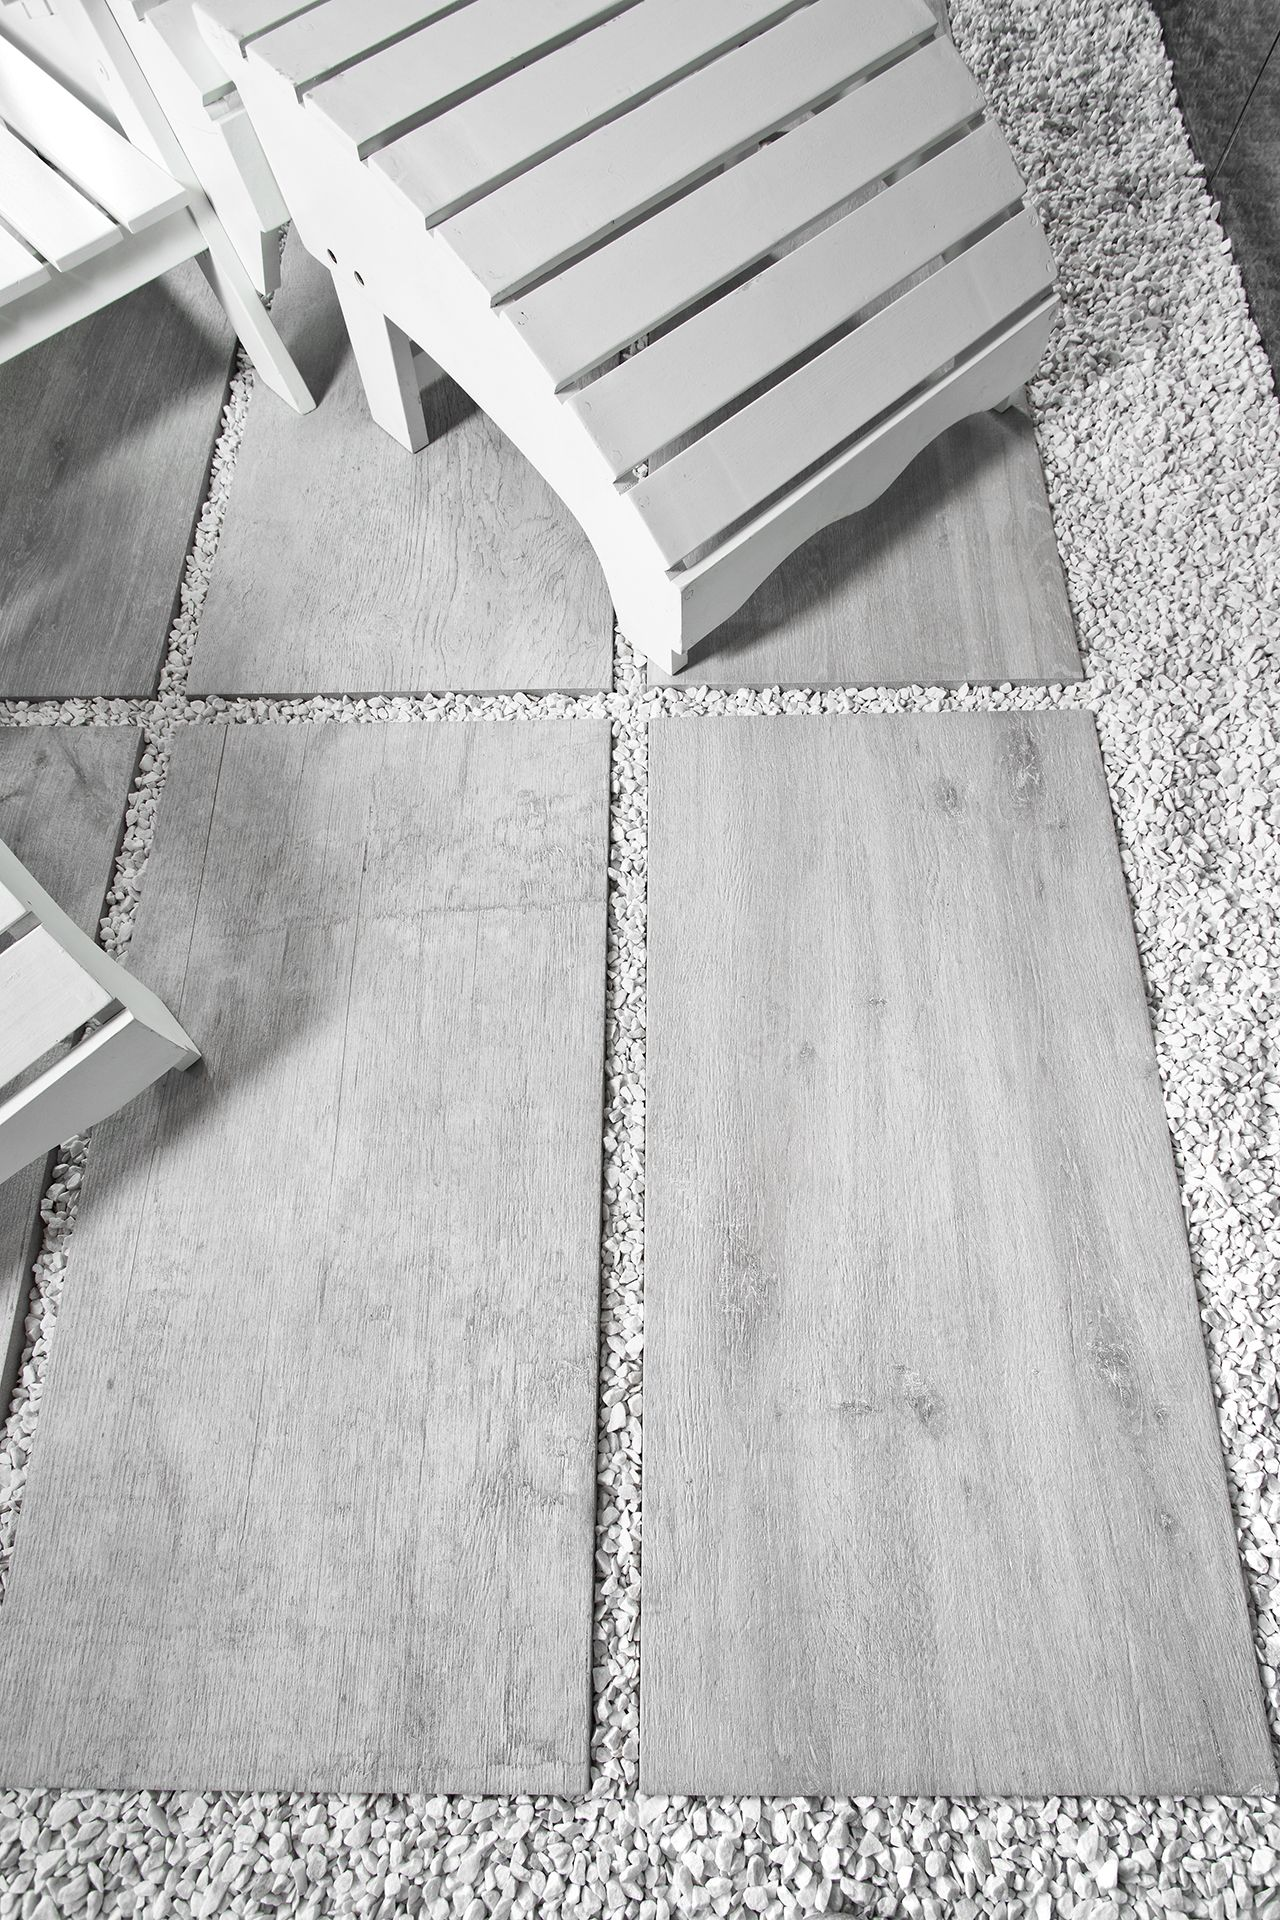 Feinsteinzeug Fliesen Unverwüstlich In Holzoptik Cm Stark Zur Losen - Fliesen lösen sich von der wand